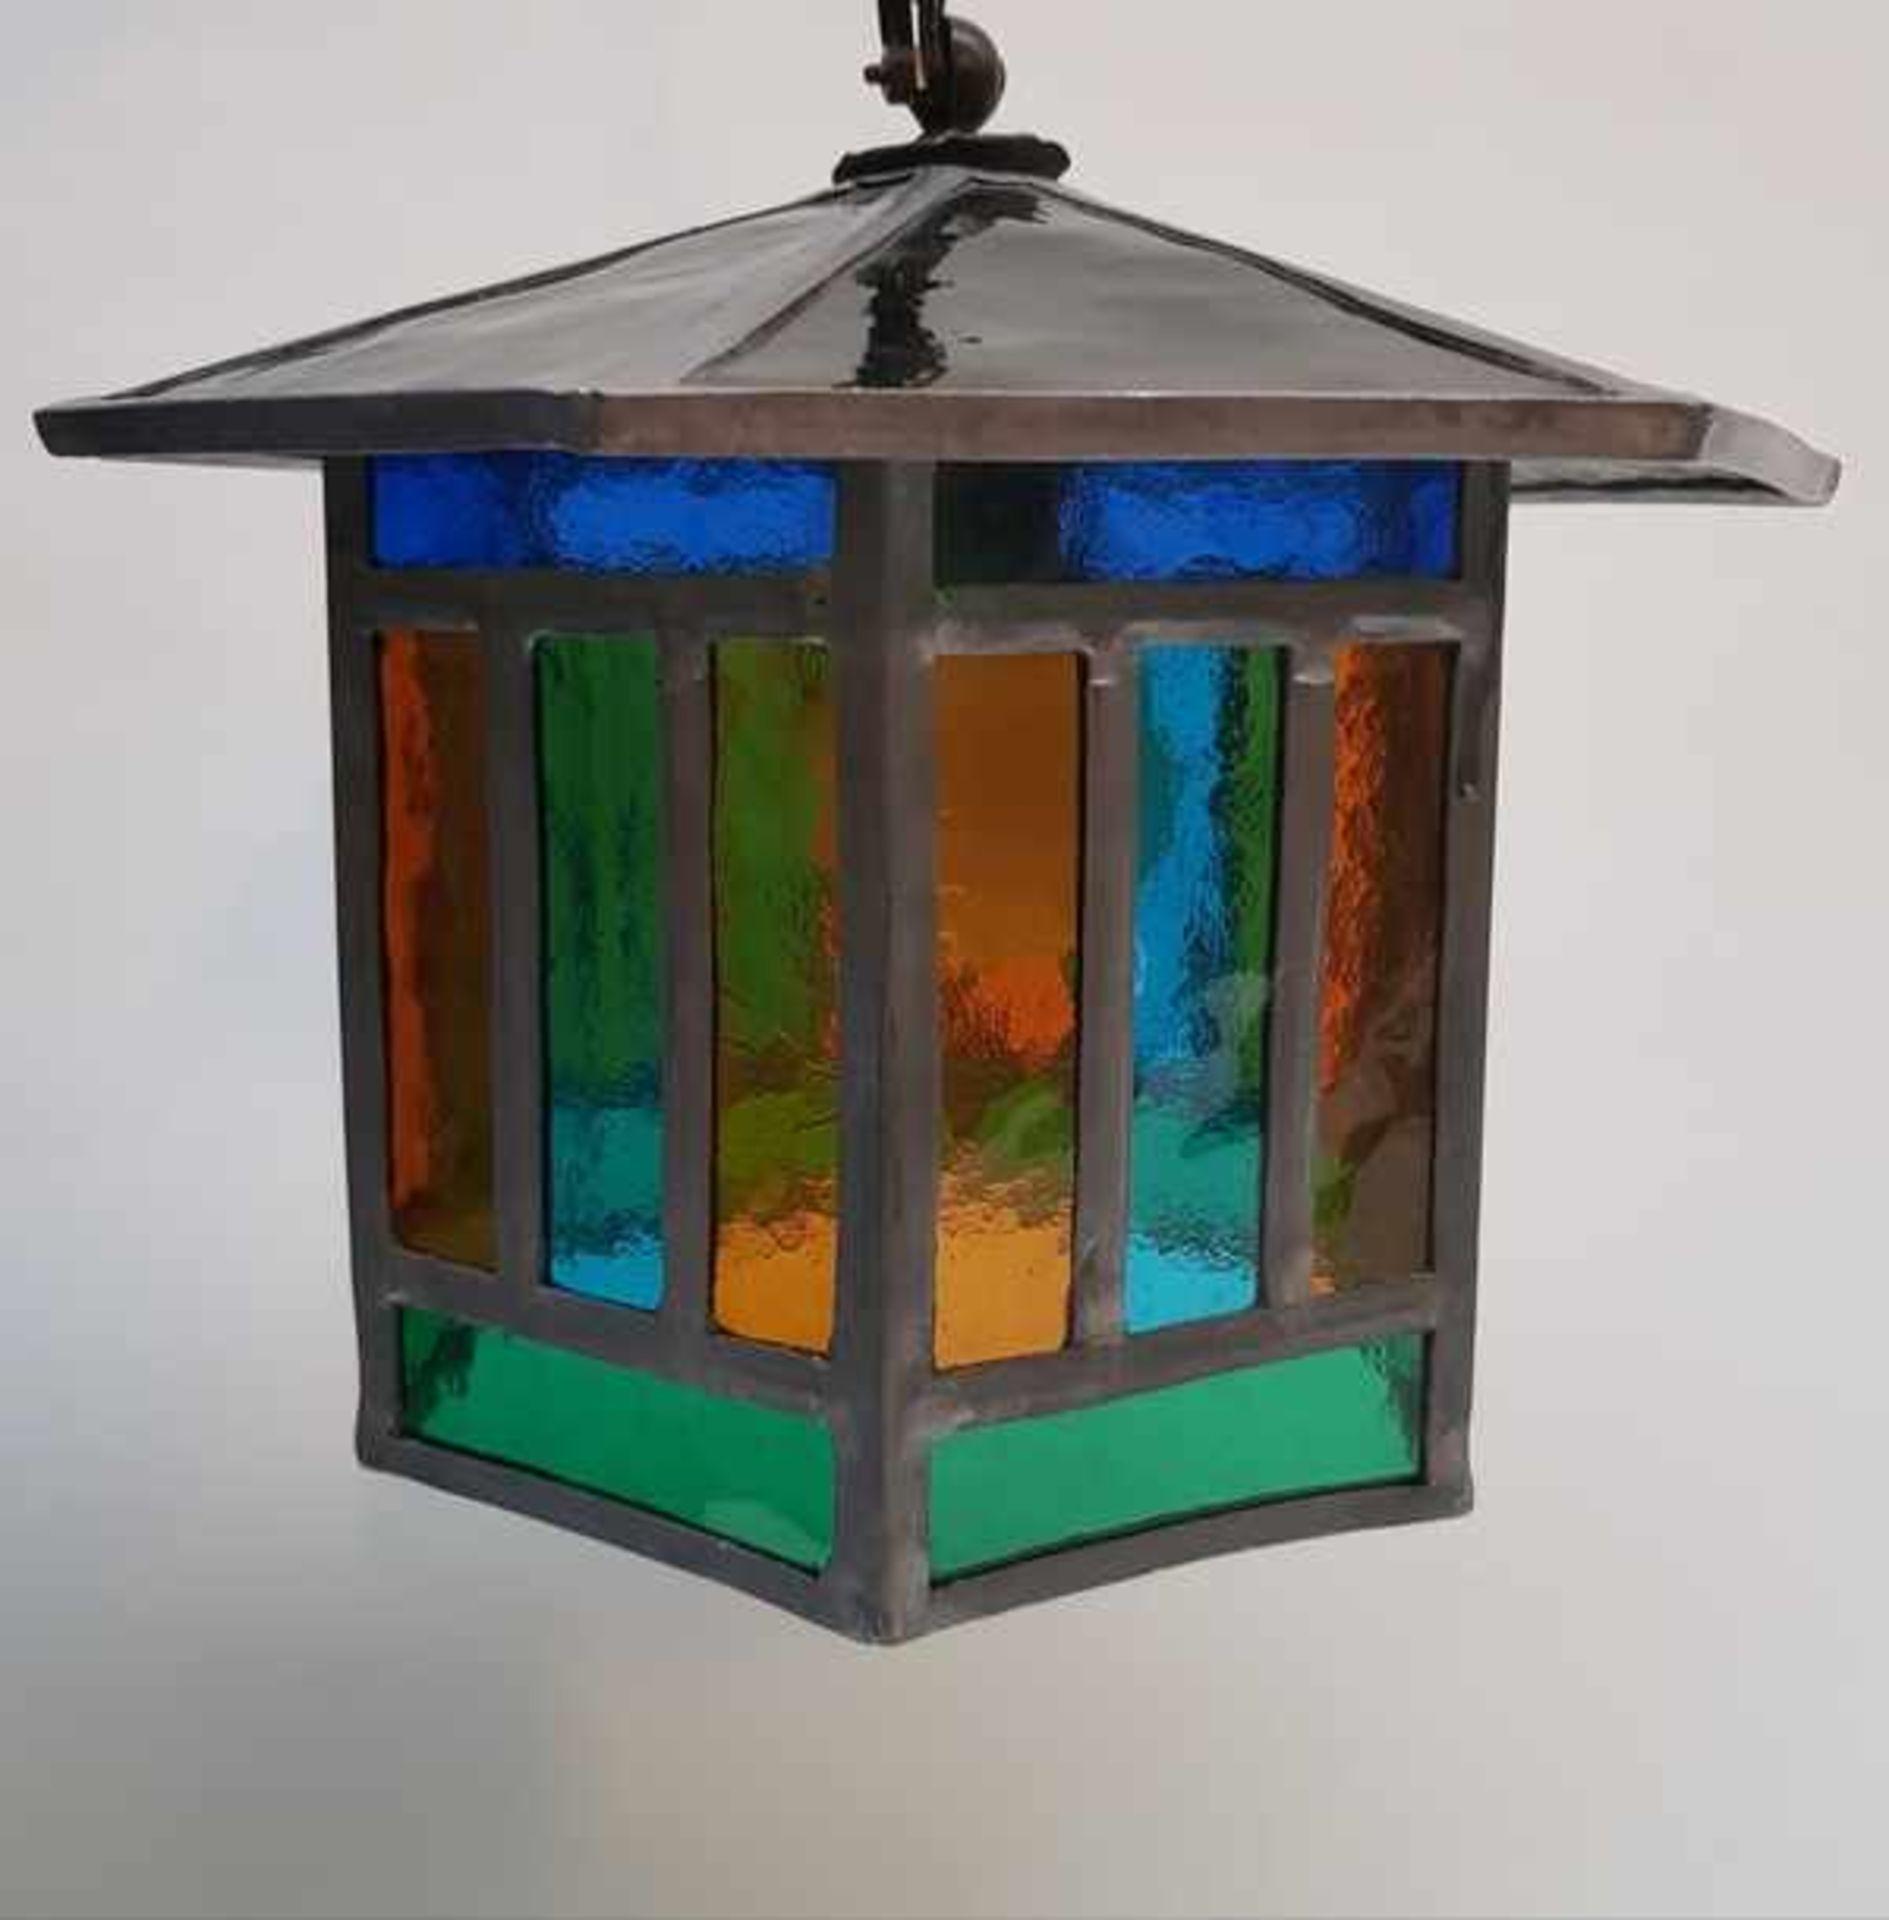 (Curiosa) Lamp glas in lood - Bild 2 aus 6